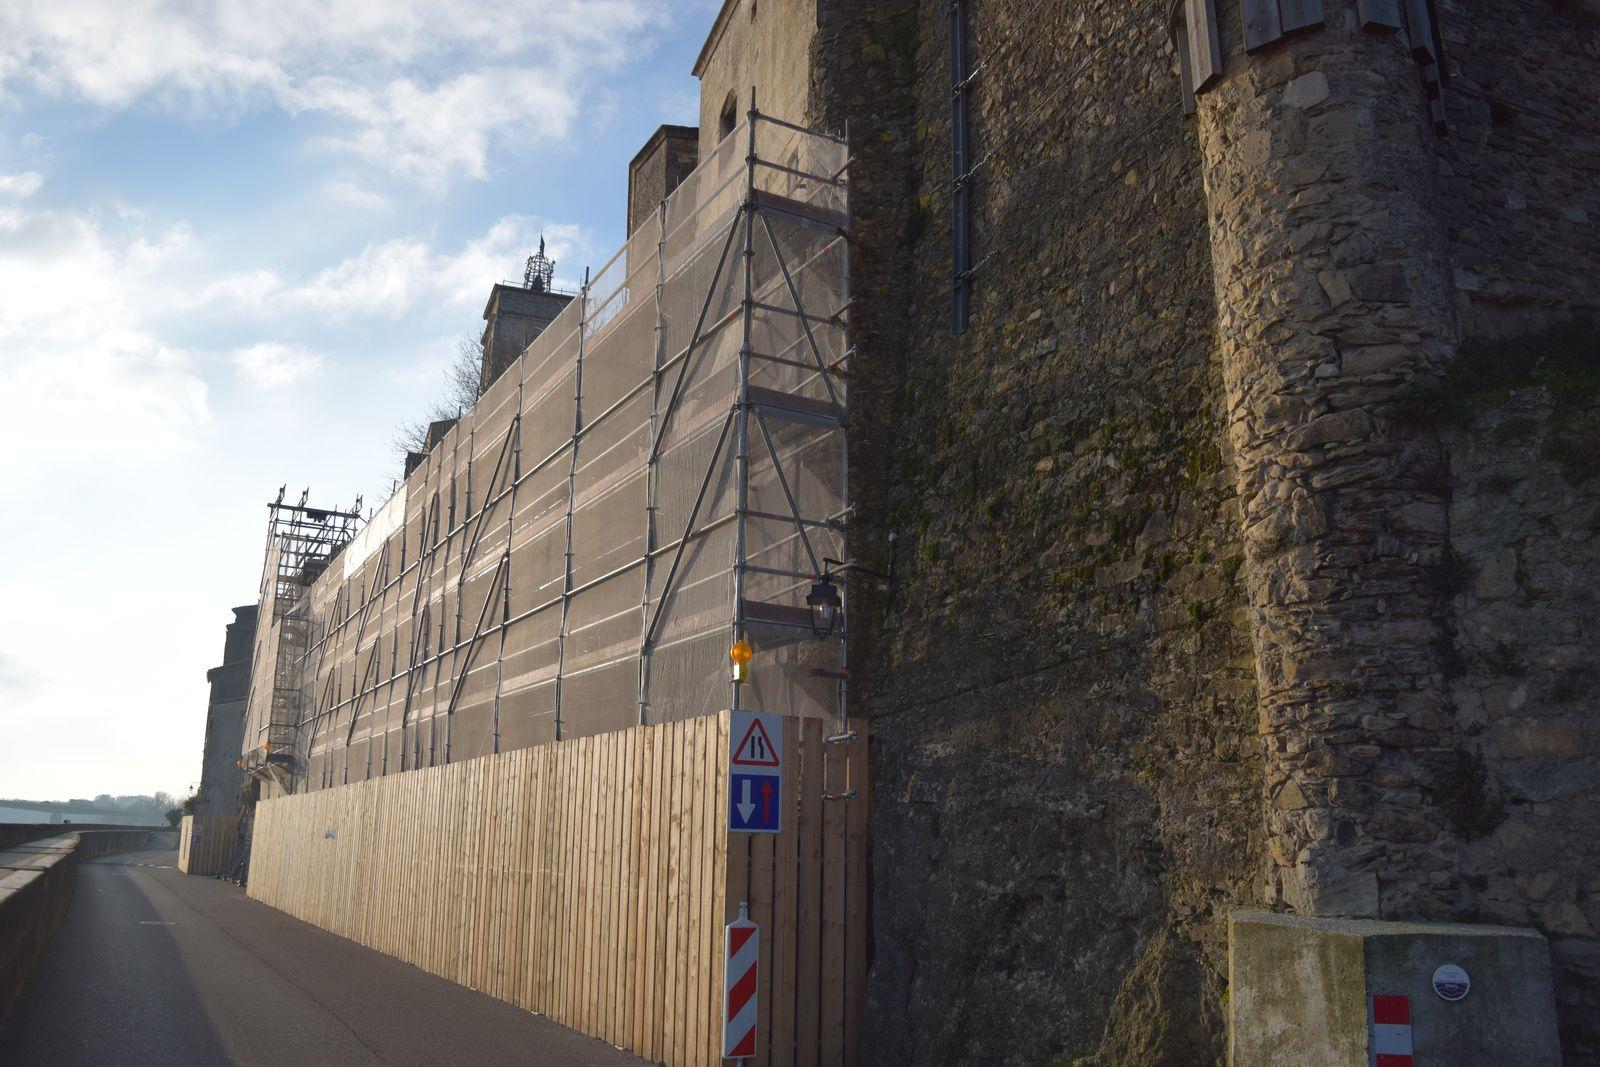 En partie bombardé en 1945 et reconstruit partiellement en béton, il souffre aujourd'hui de nombreuses pathologies telles que fissures de dilatation, calcite, végétation. Des travaux en 3 étapes sont donc prévus de l'automne 2019 à juin 2022. Ils constitueront principalement en une restauration à l'identique de l'édifice.